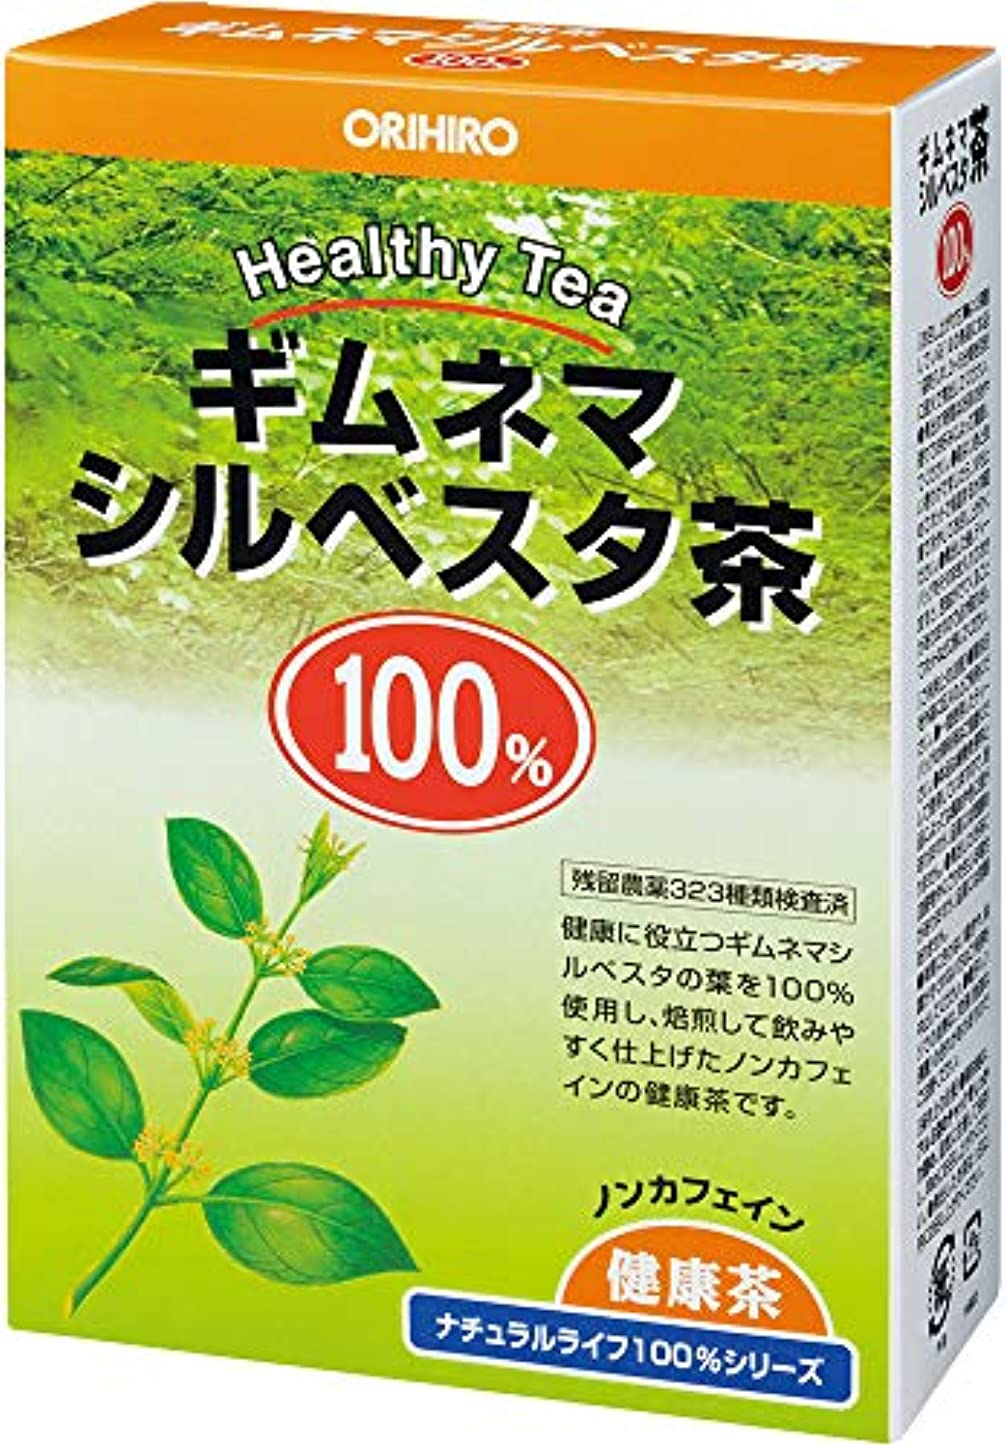 飢え順応性のあるくびれたオリヒロ NLティー 100% ギムネマシルベスタ茶 2.5g×26包